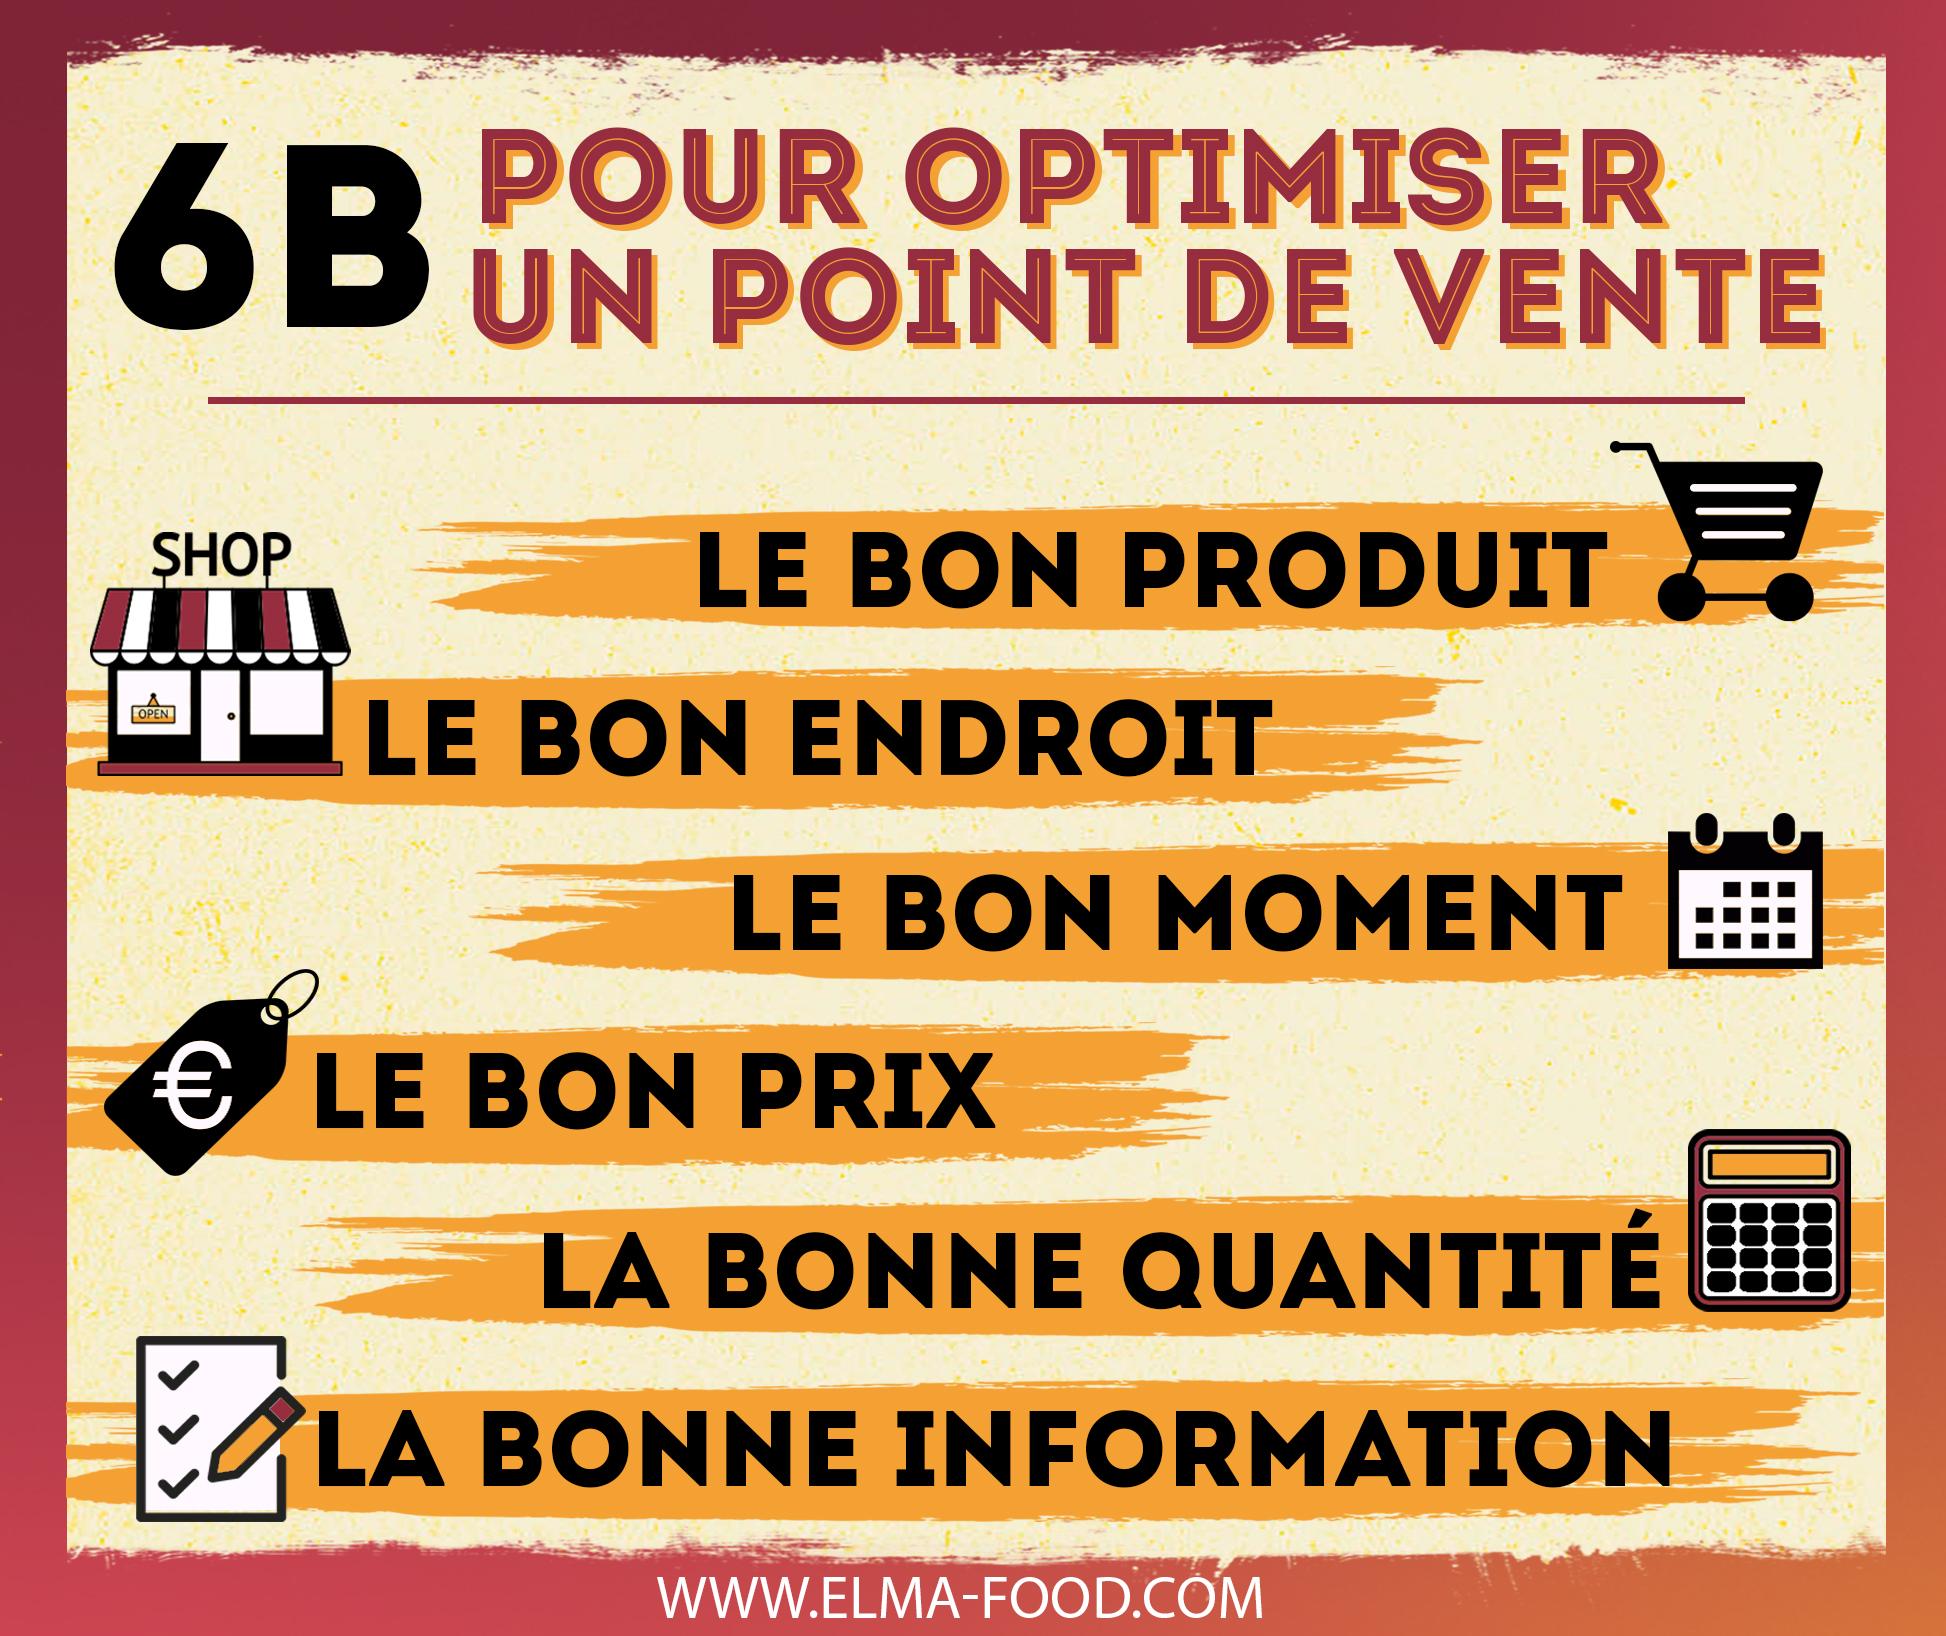 merchandising_6B_optimiser_un_point_de_vente